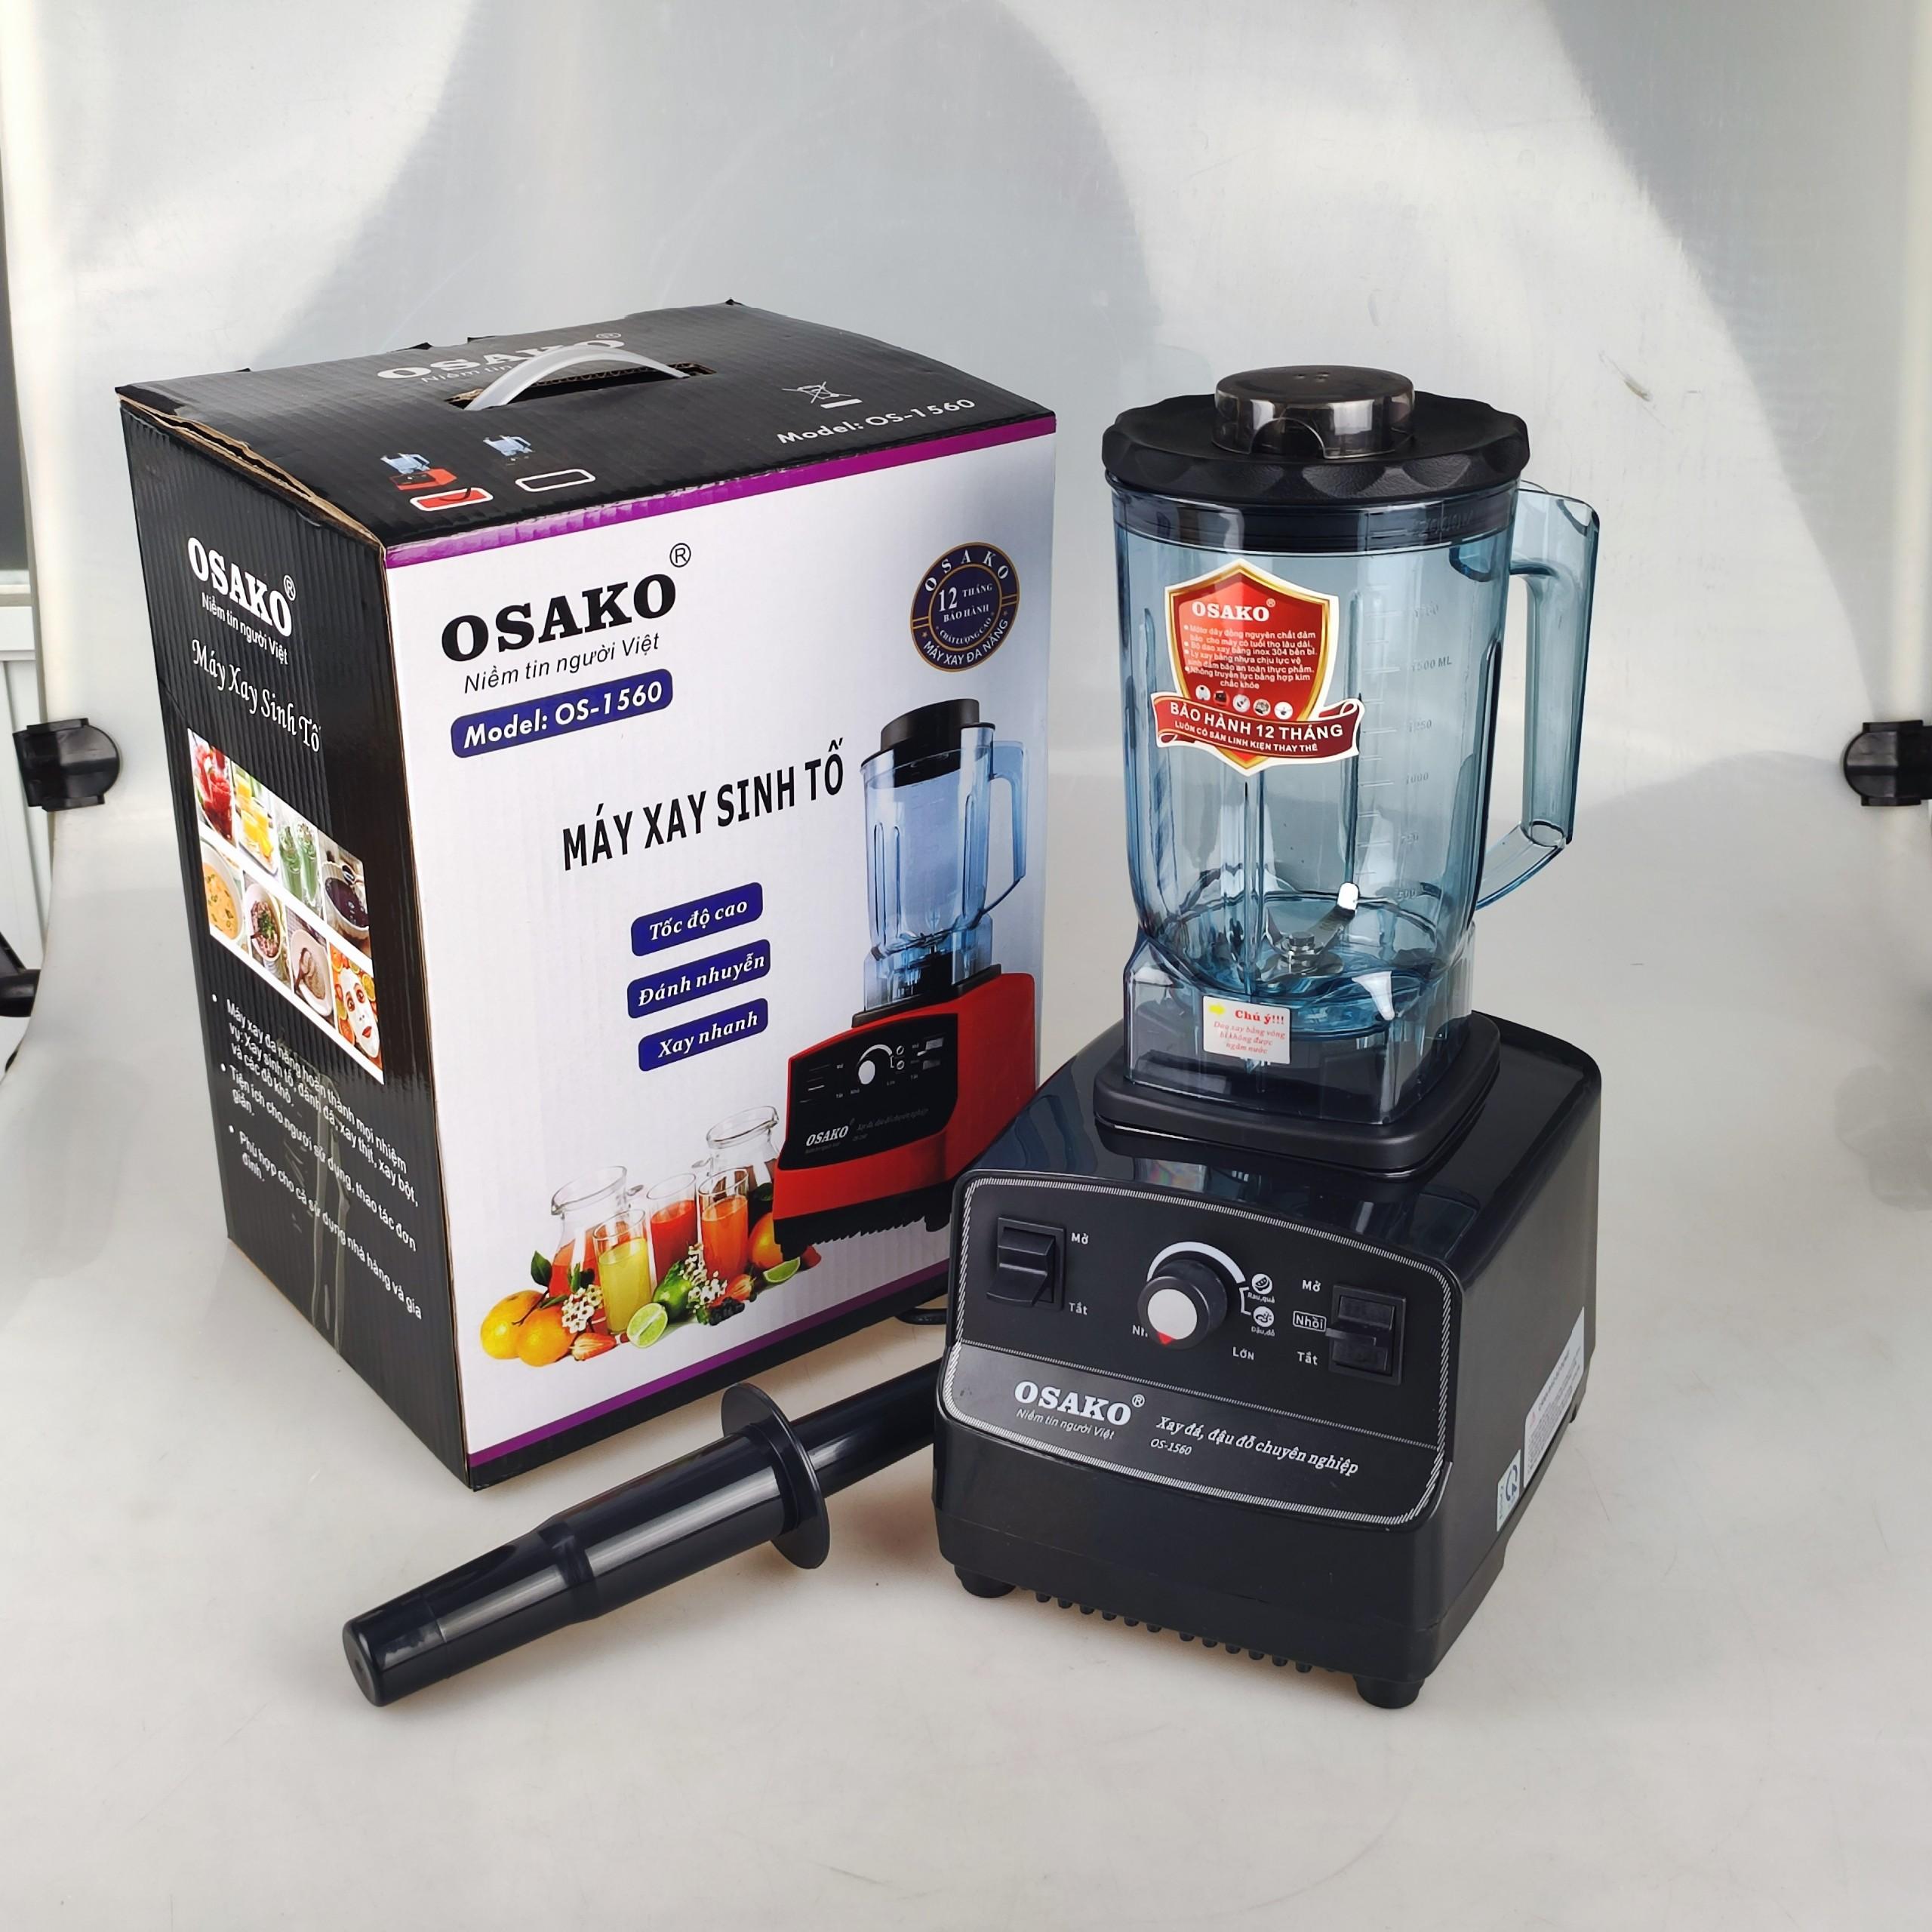 Máy xay sinh tố công nghiệp Osako Os-1560 với 2 chức năng xay rau quả và xay đậu đỗ mạnh mẽ, dung tích cối 2Lit -Hàng chính hãng